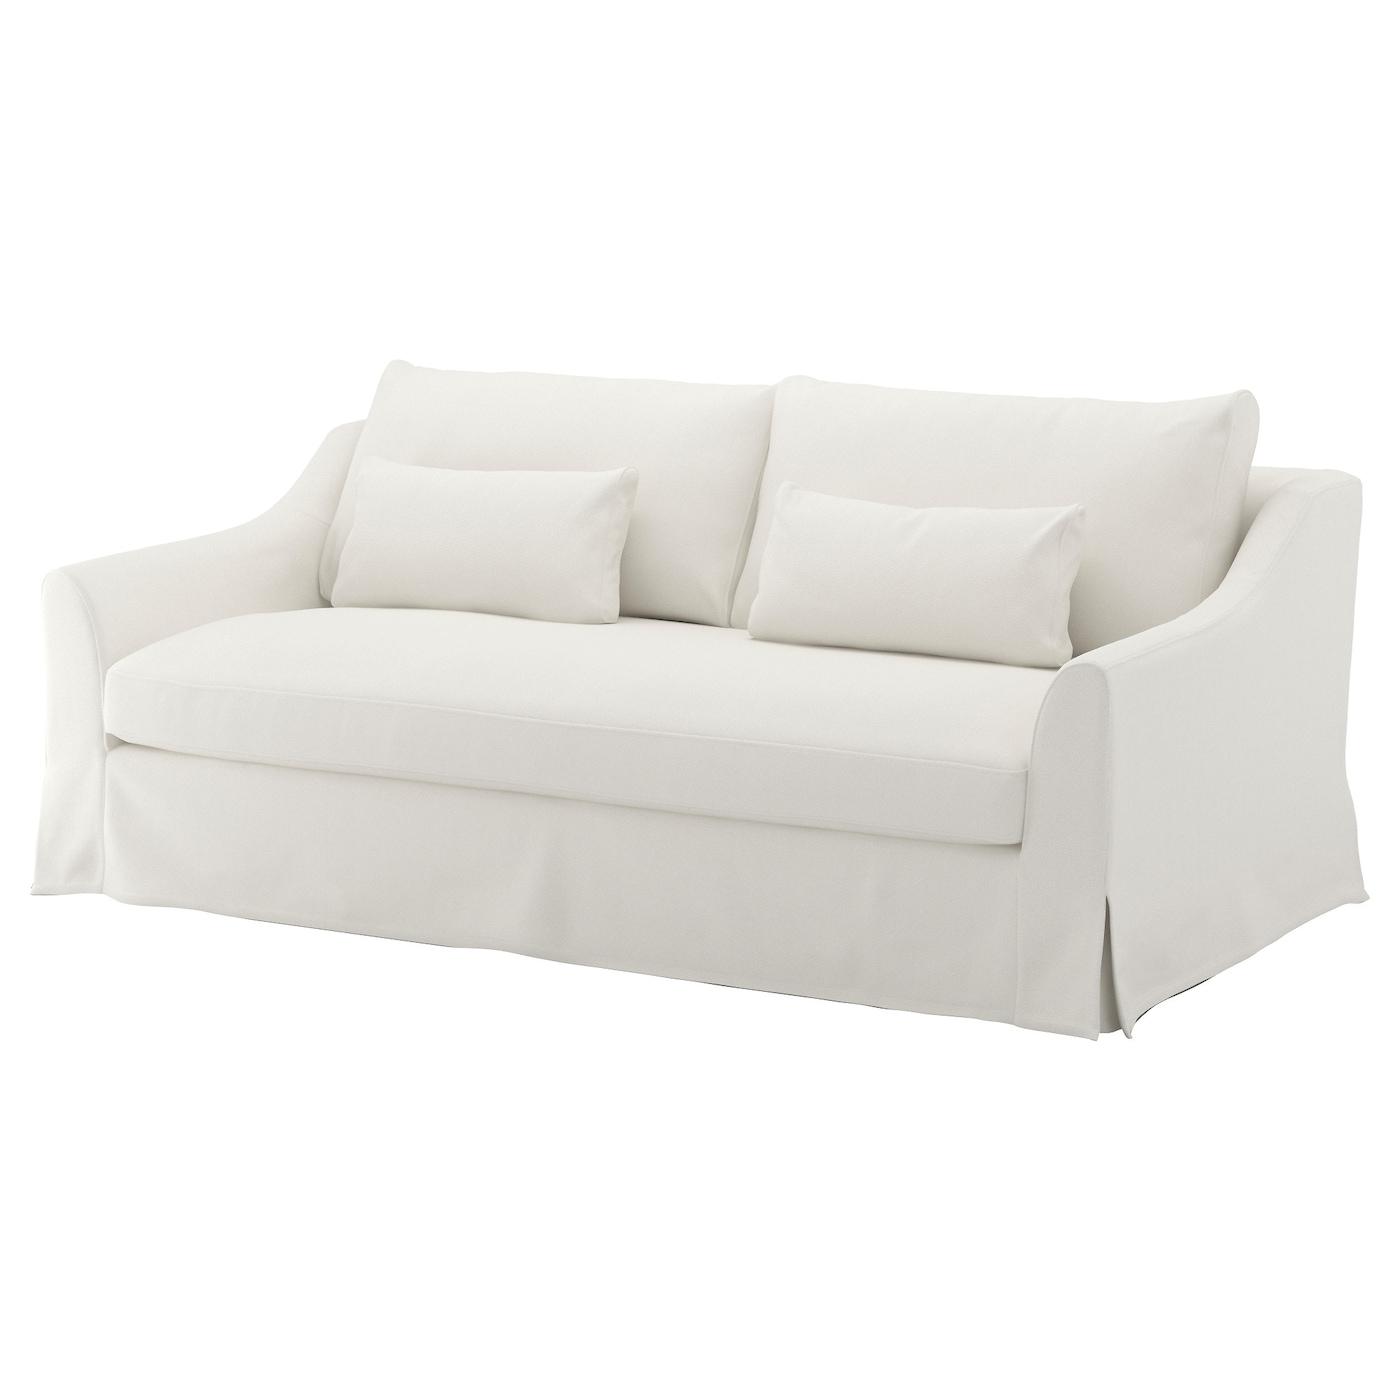 FÄRLÖV Cover for 3-seat sofa Flodafors white - IKEA